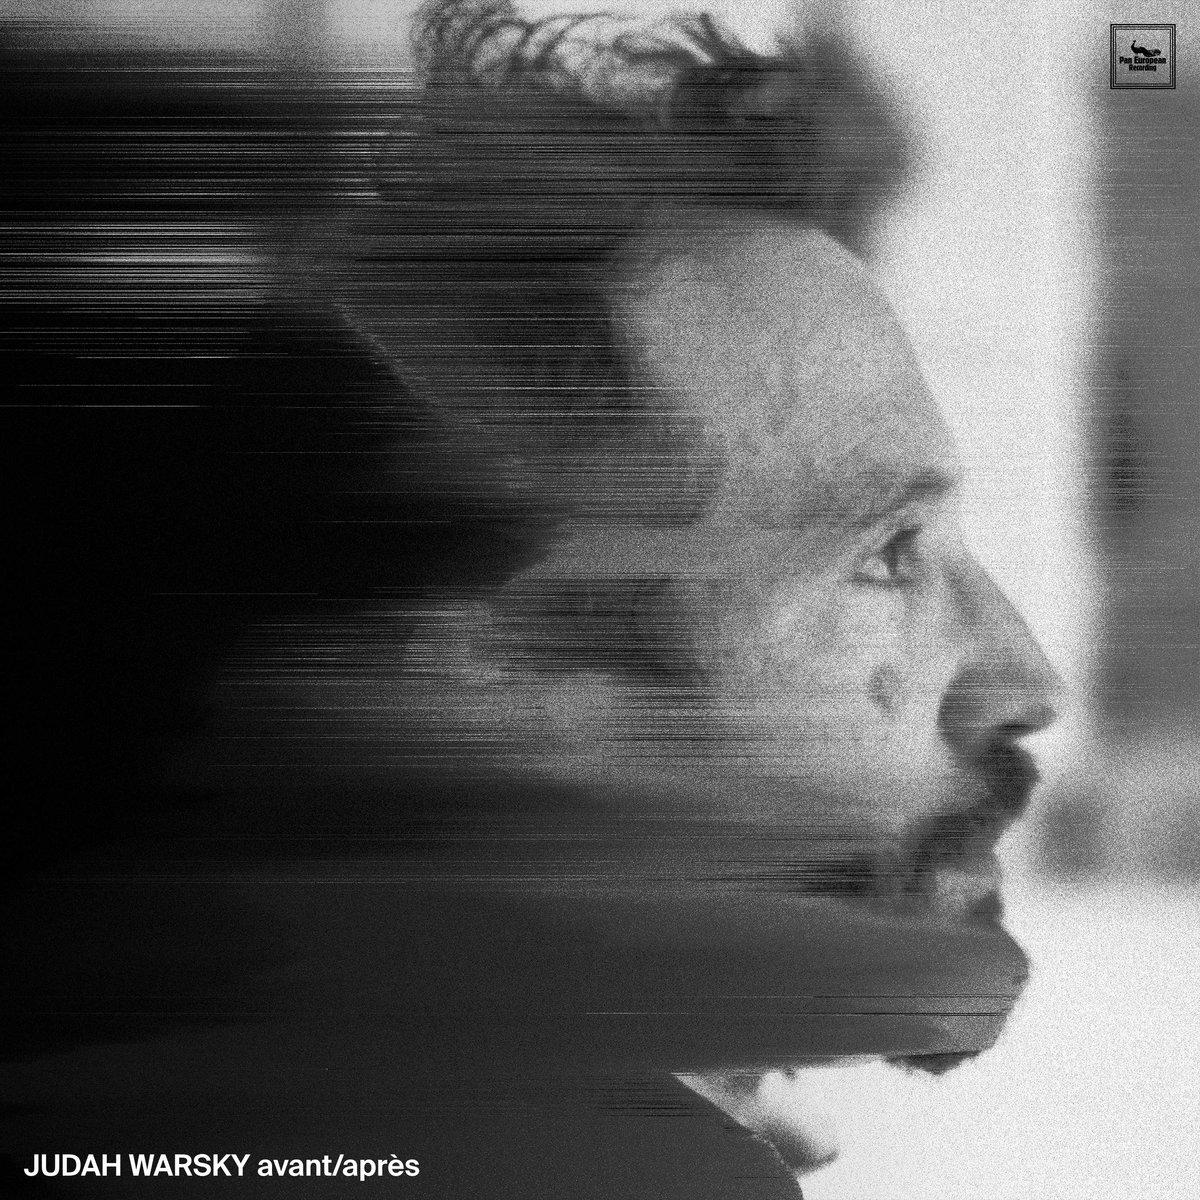 Pochette de l'album Avant/Après de Judah Warsky